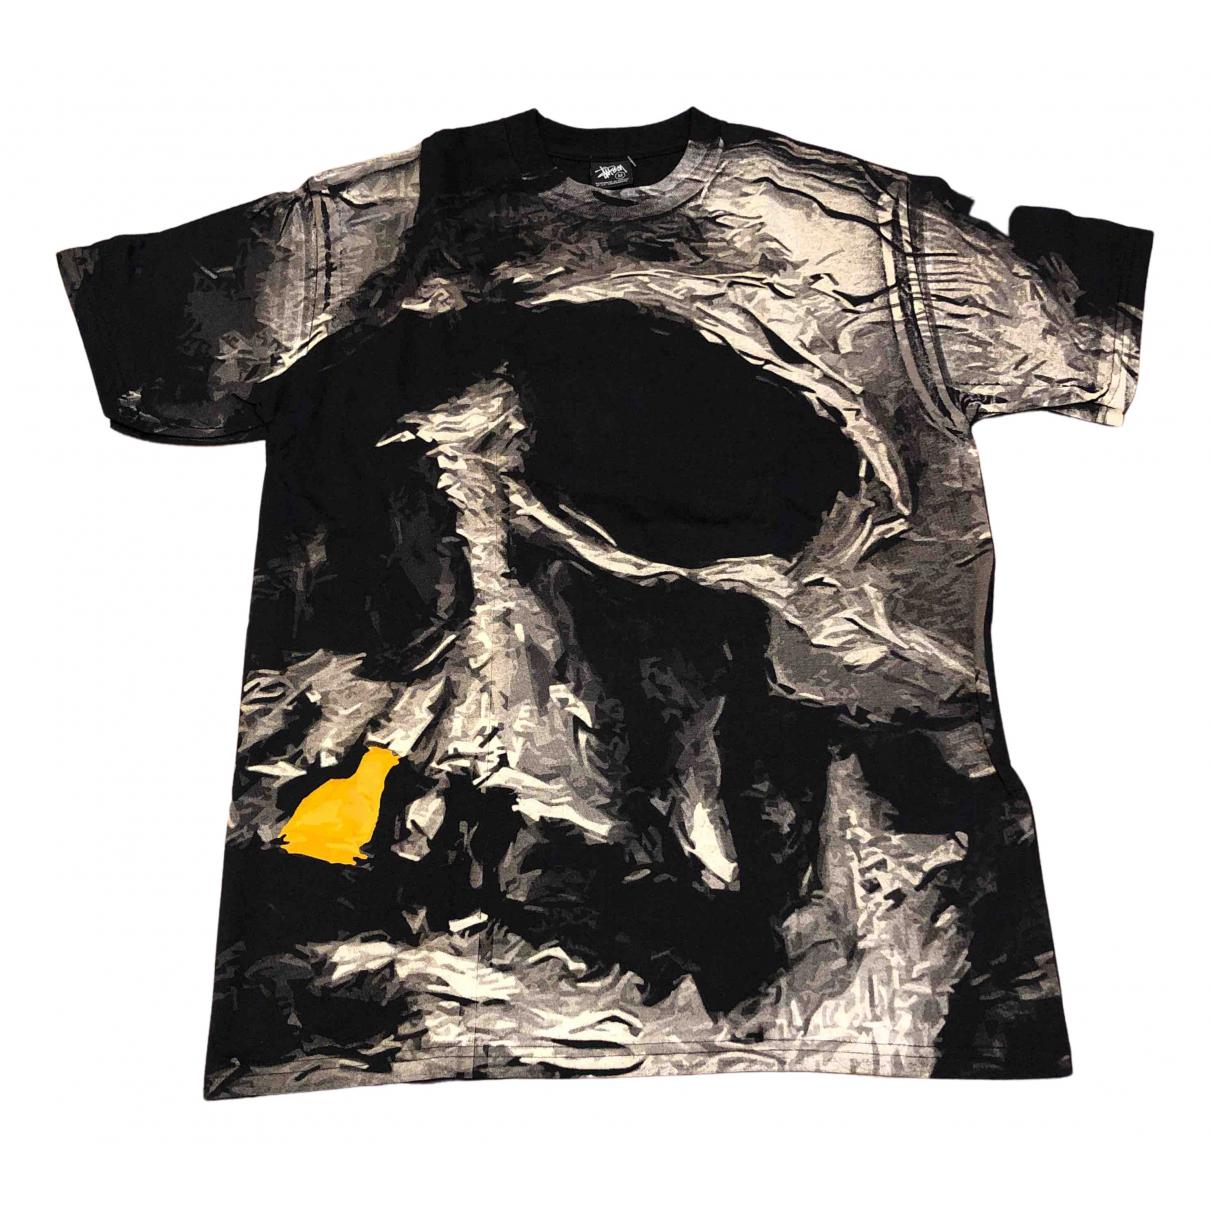 Stussy - Tee shirts   pour homme en coton - noir